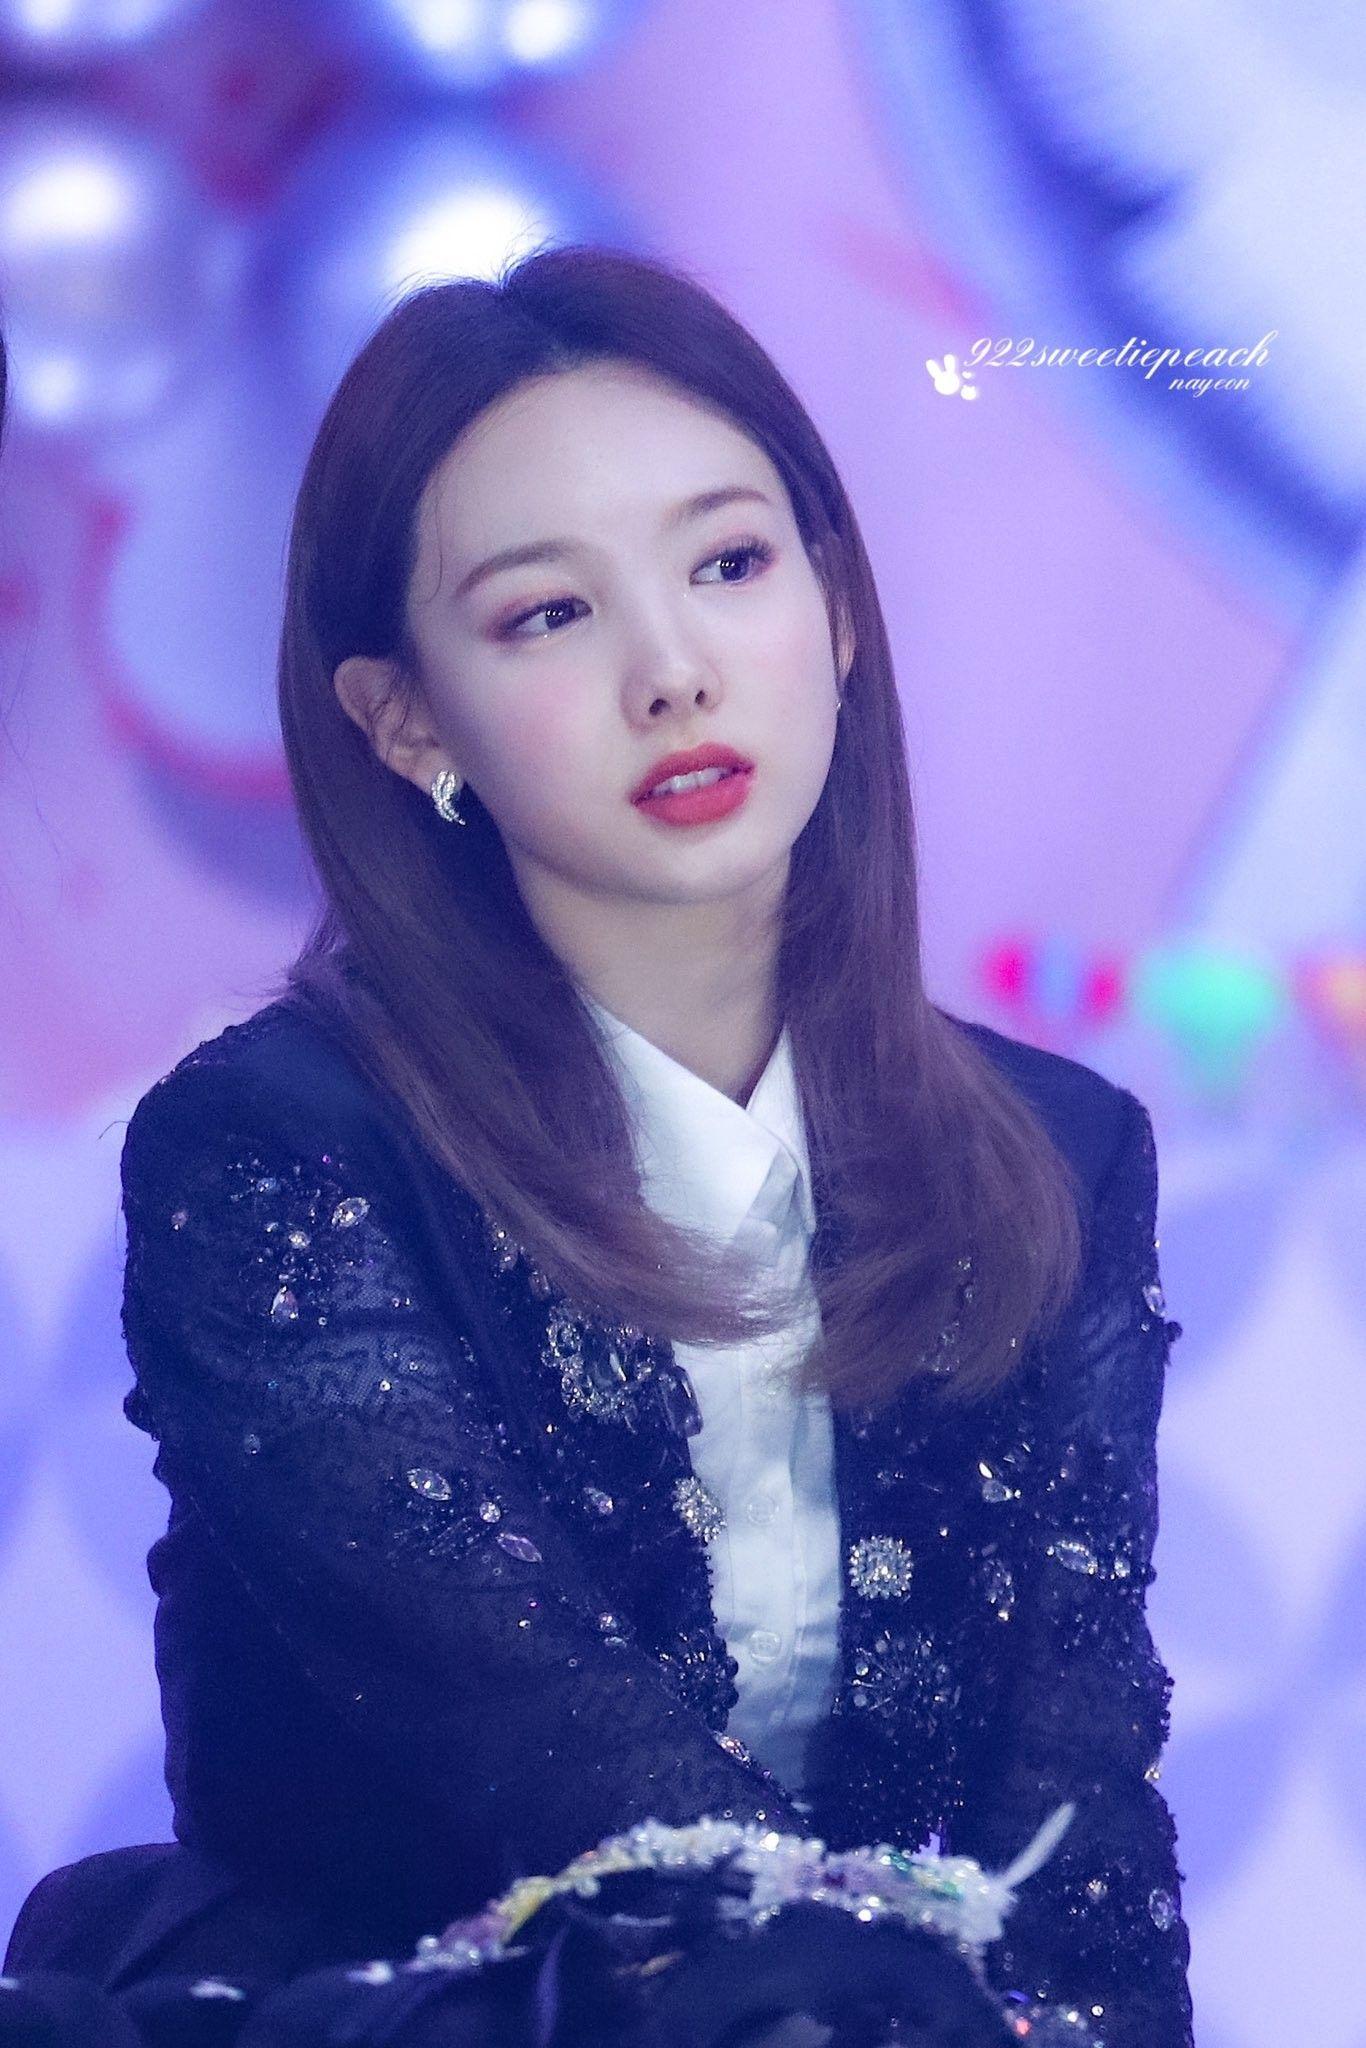 200104 Nayeon In 2020 Nayeon Kpop Girl Groups Kpop Girls